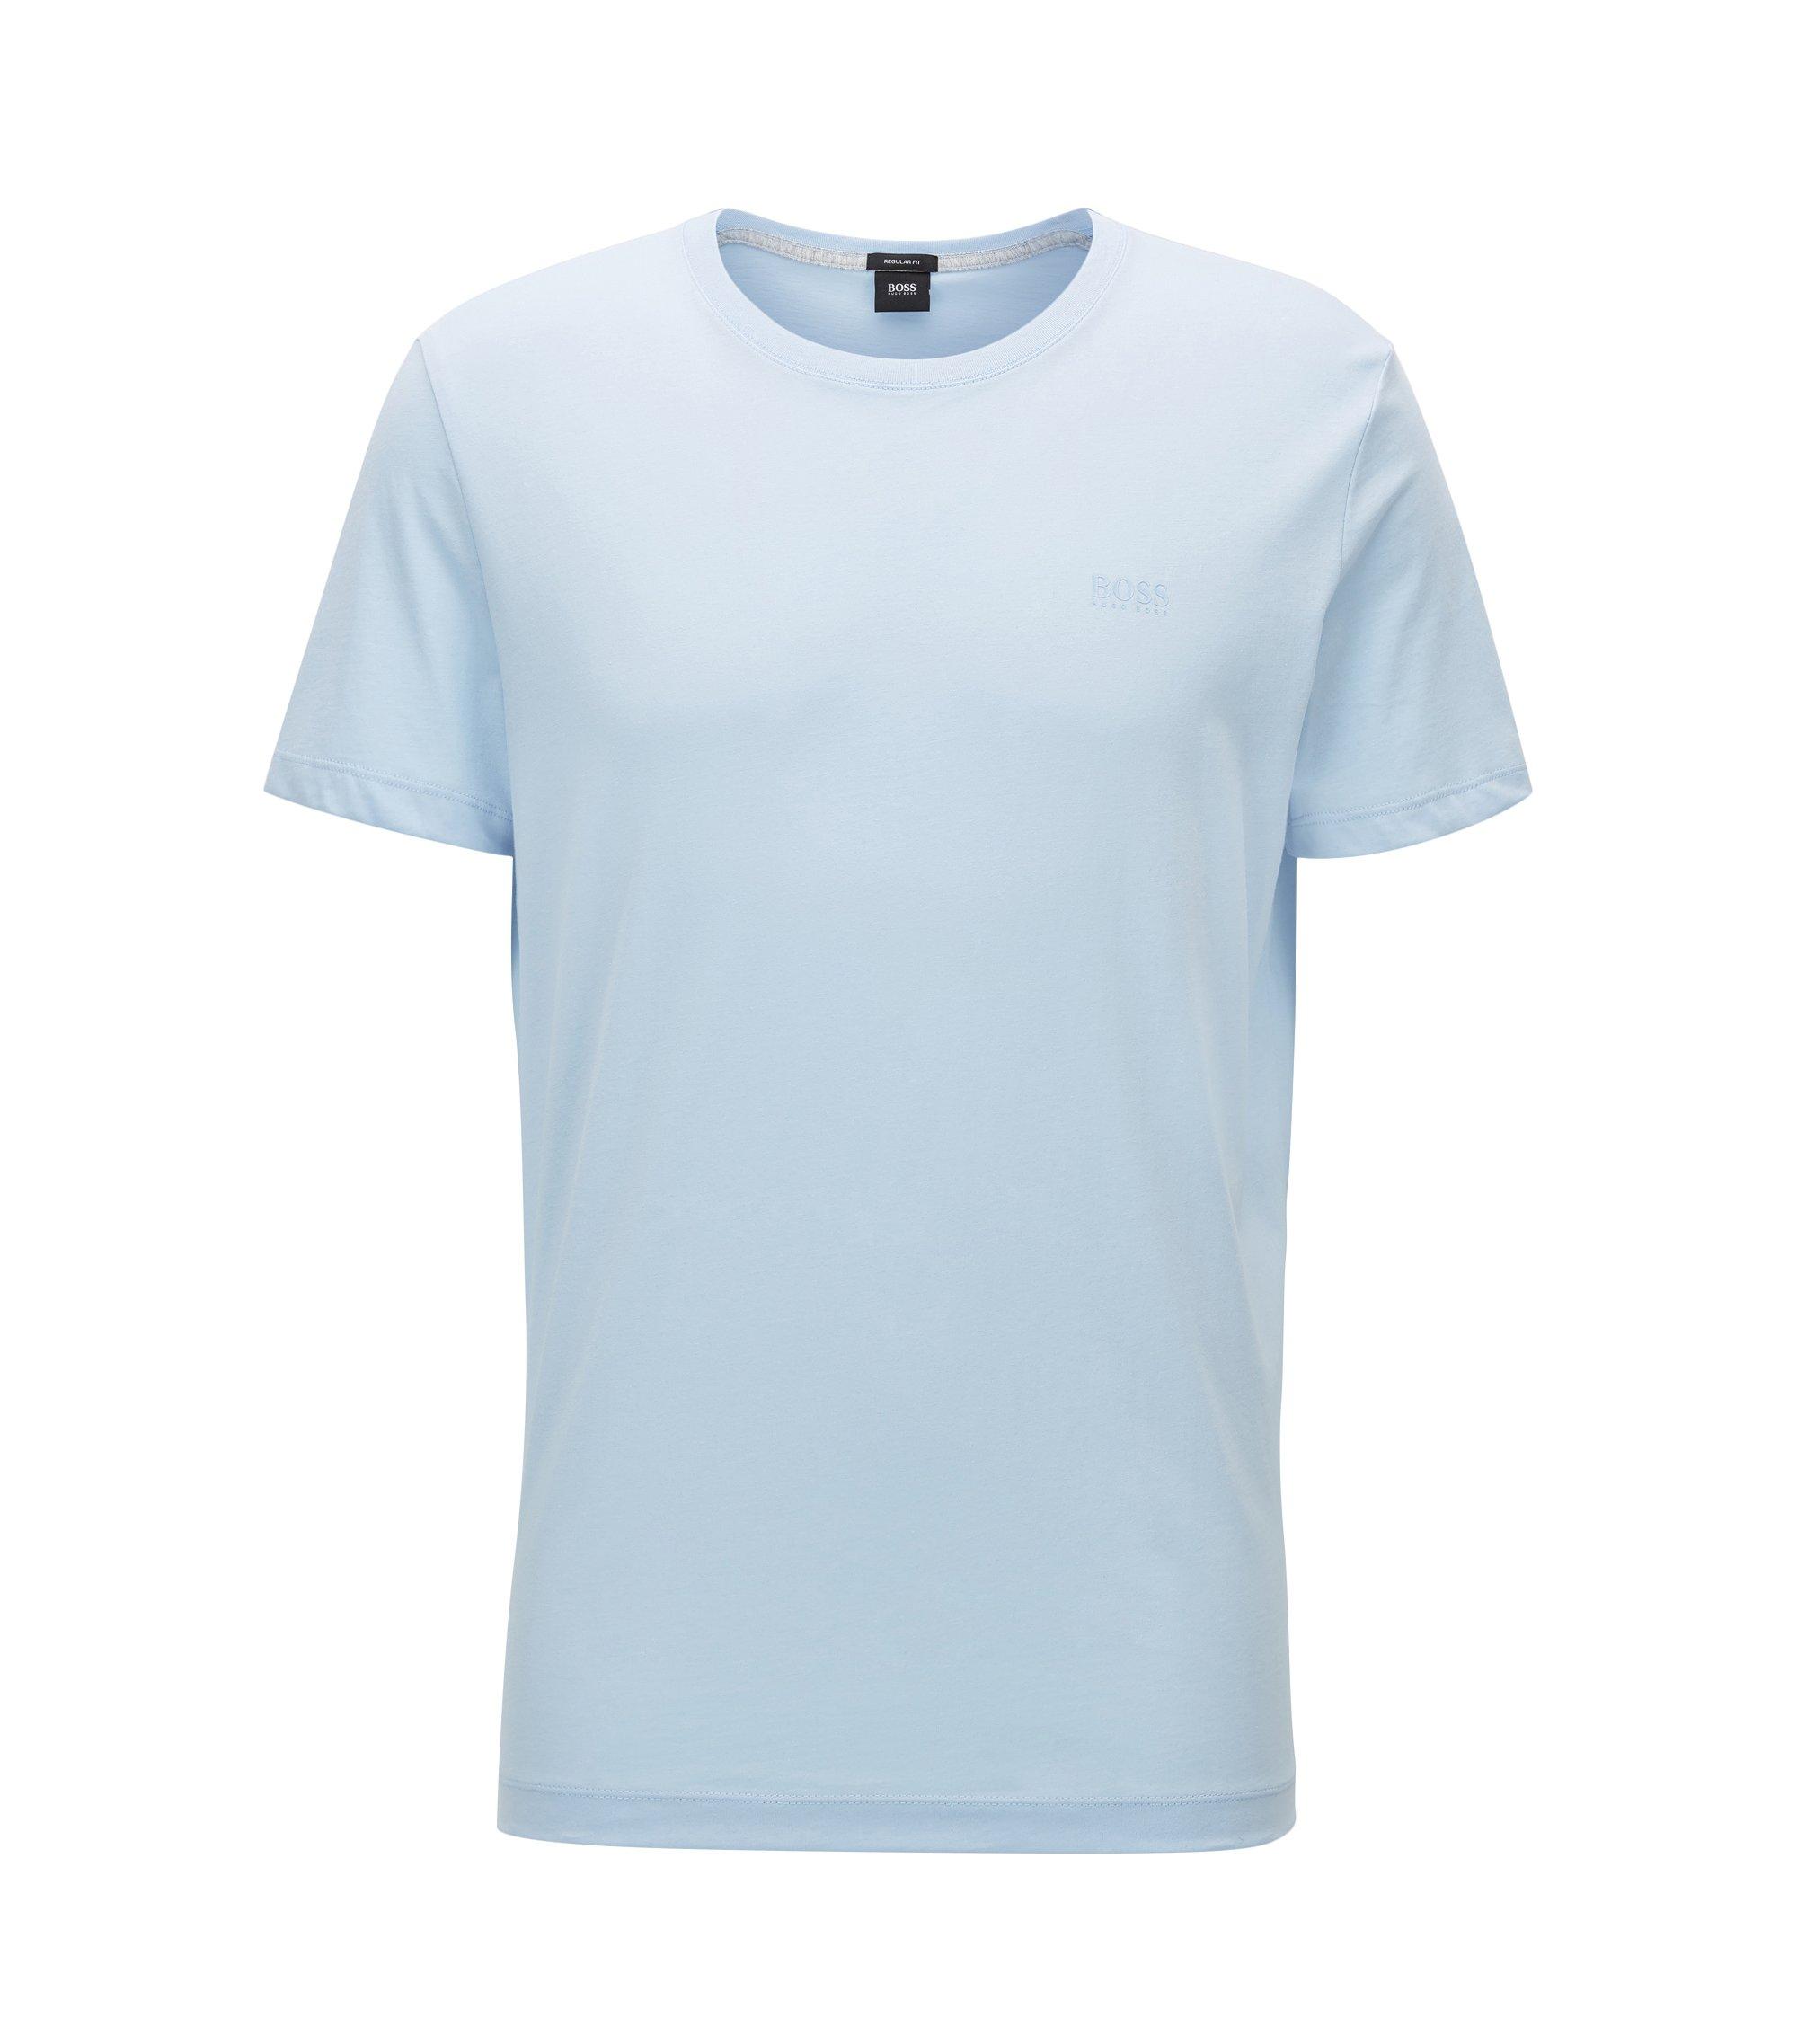 Regular-Fit T-Shirt aus weicher Baumwolle, Hellblau